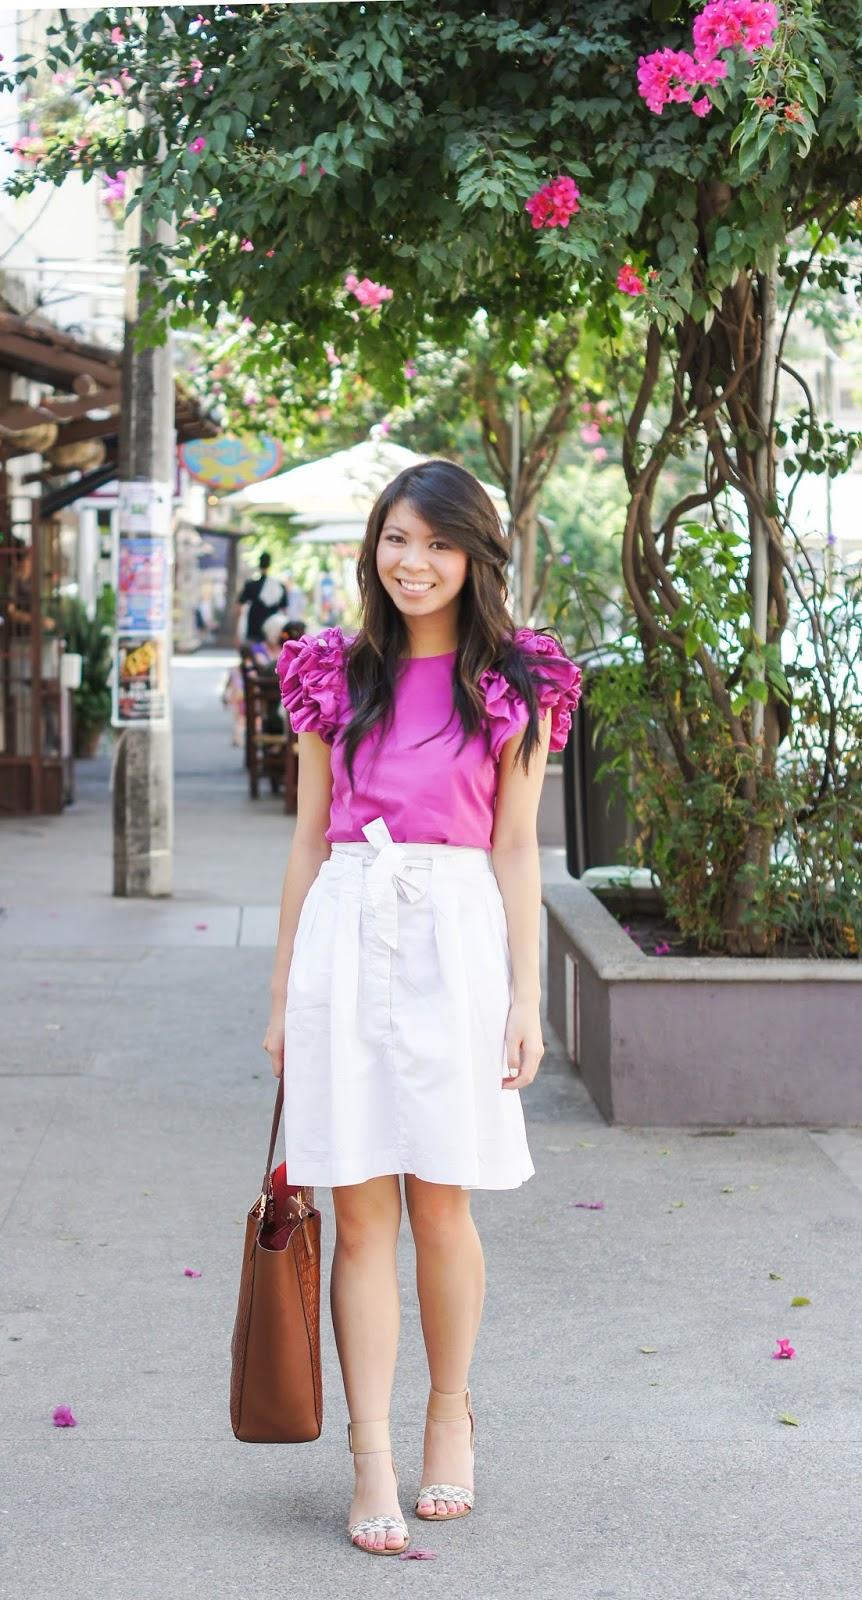 justatinabit-pink-ruffle-top-white-skirt-1